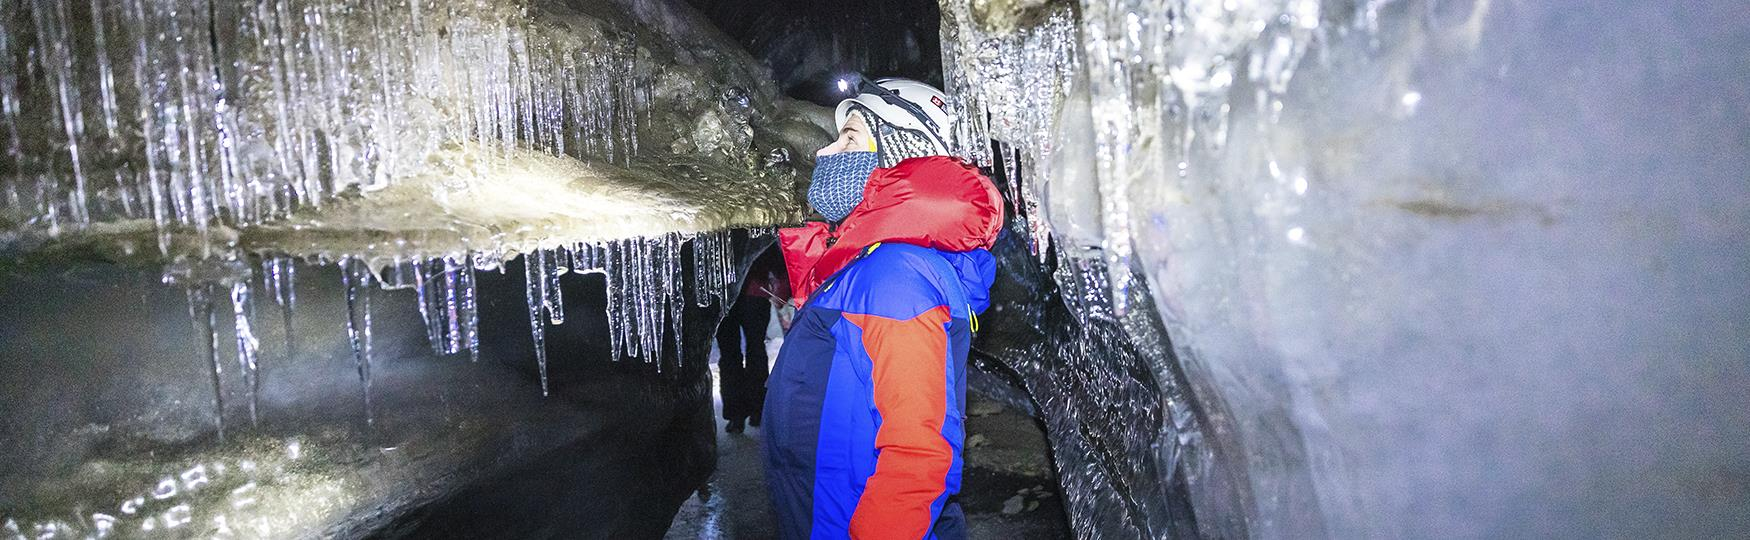 Frozen adventures!